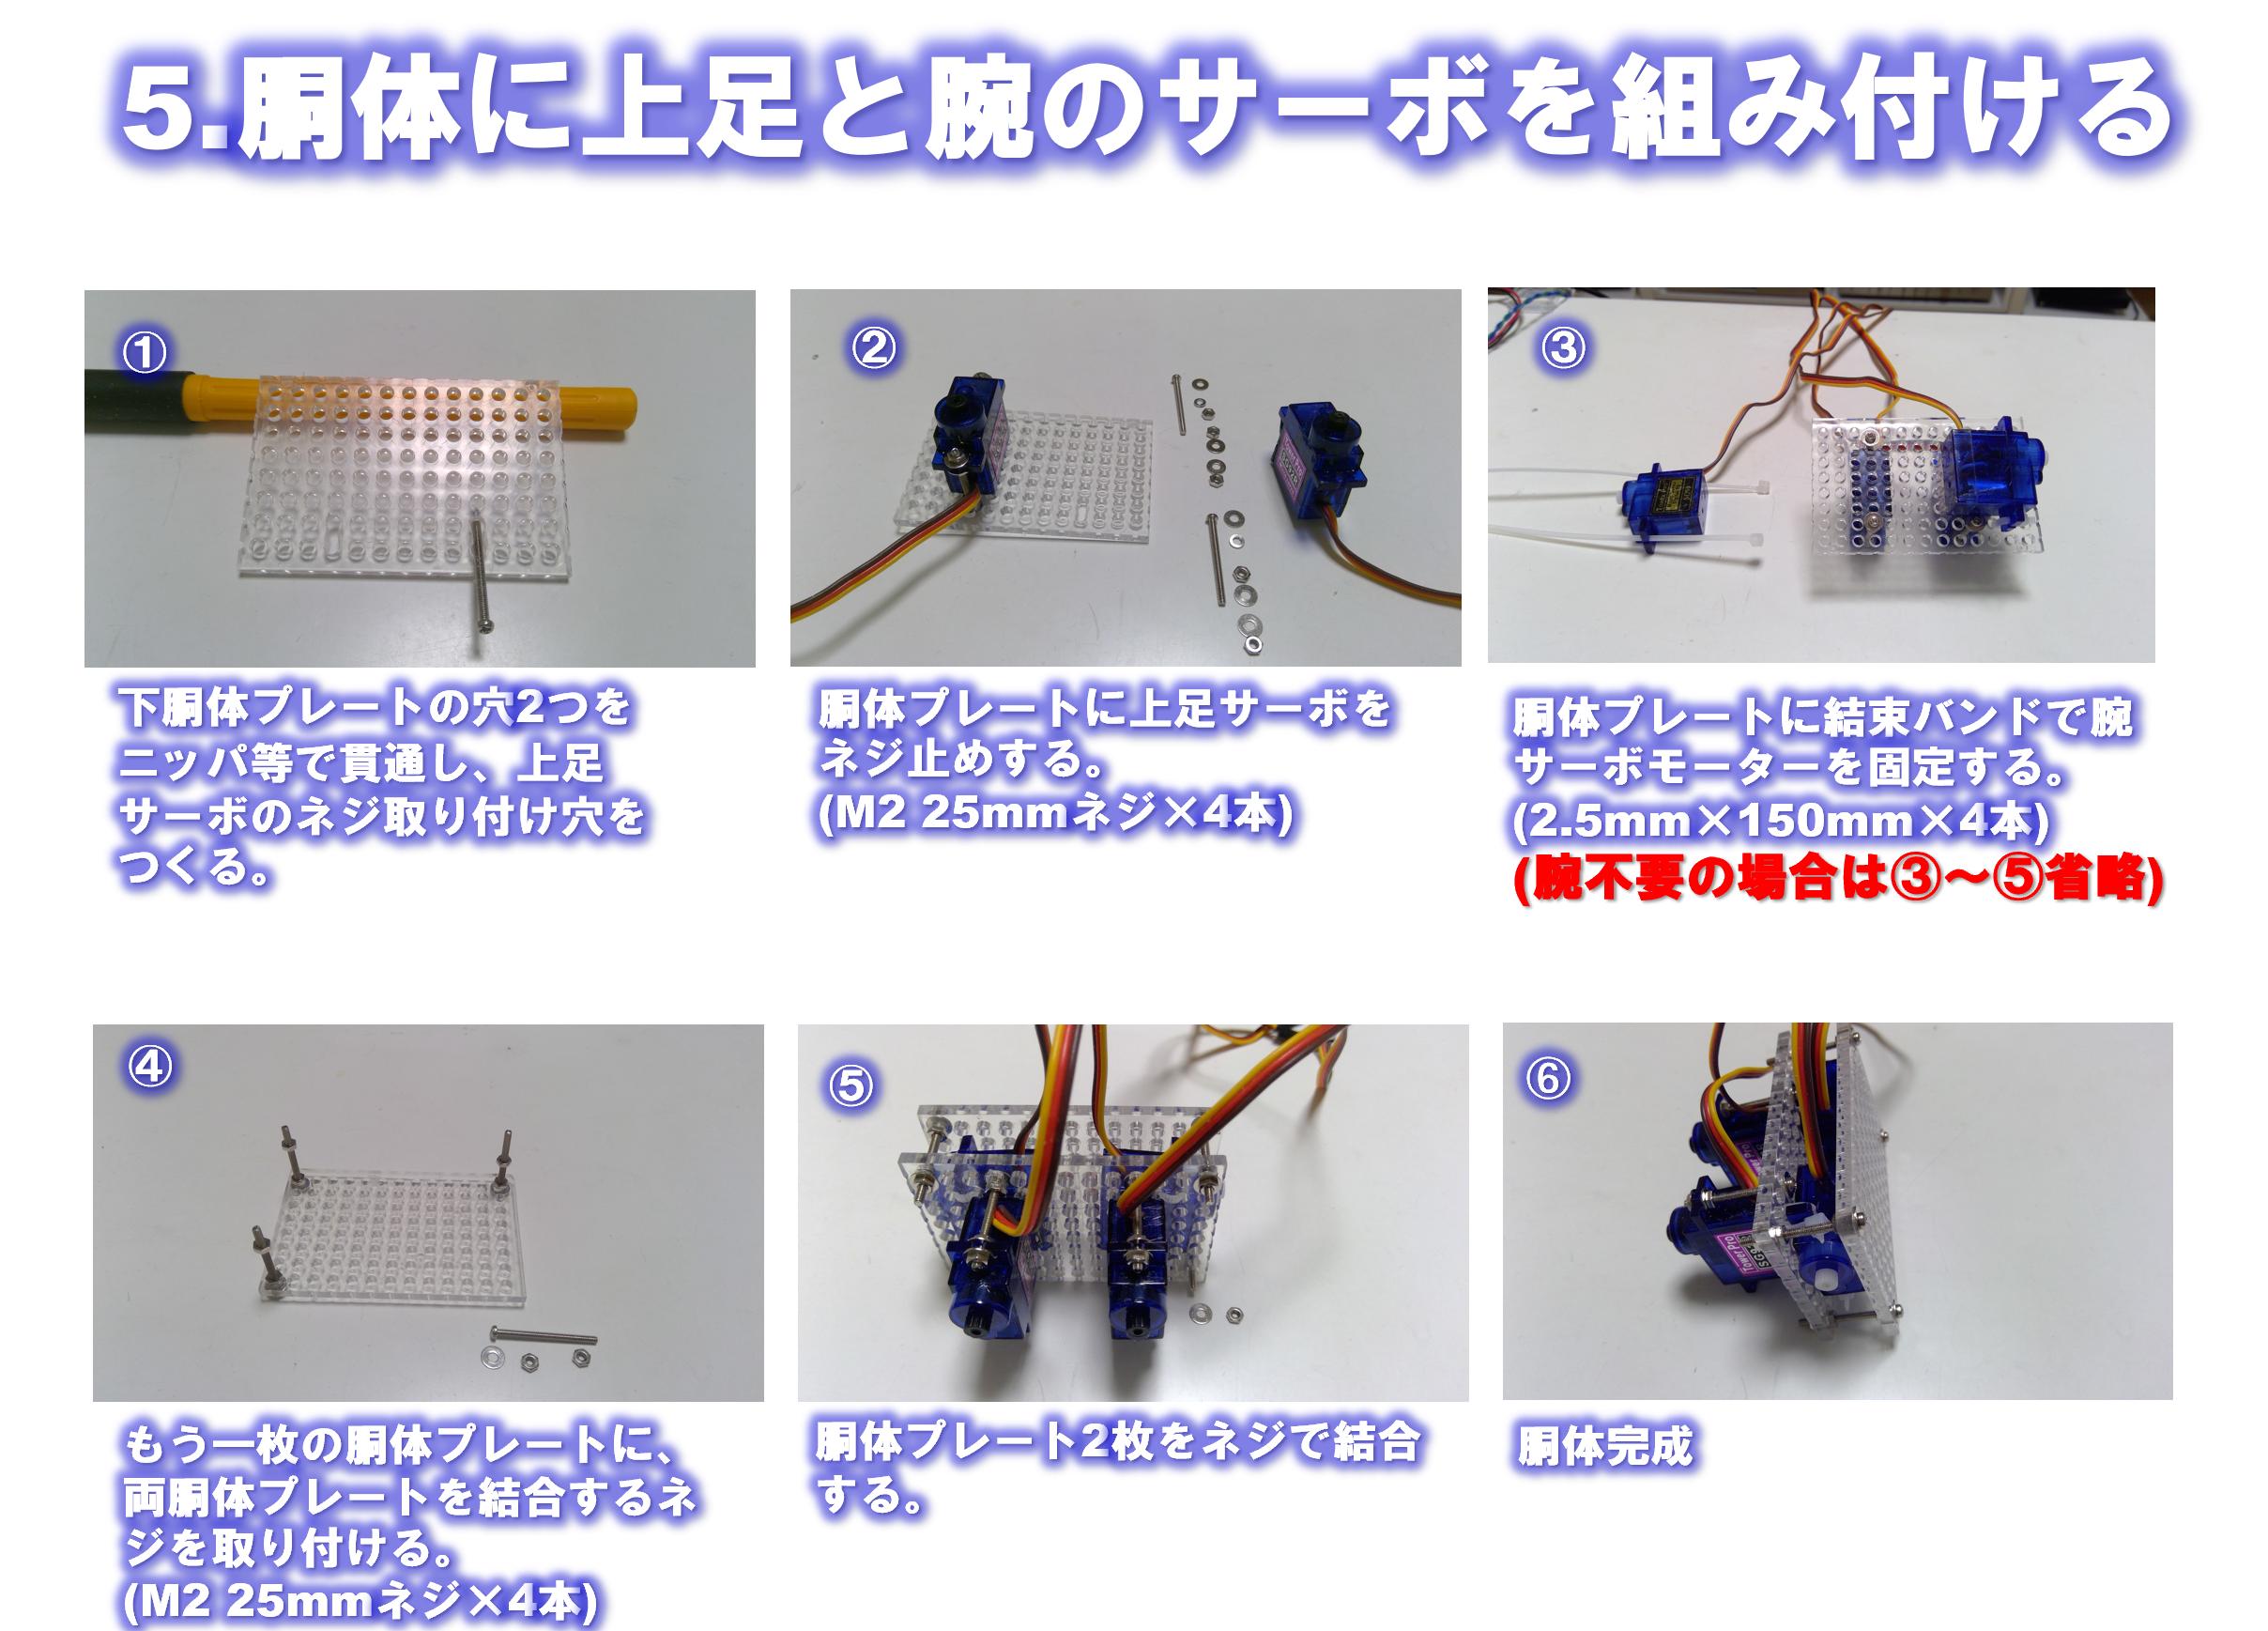 組み立て 2足歩行ロボット-5.png